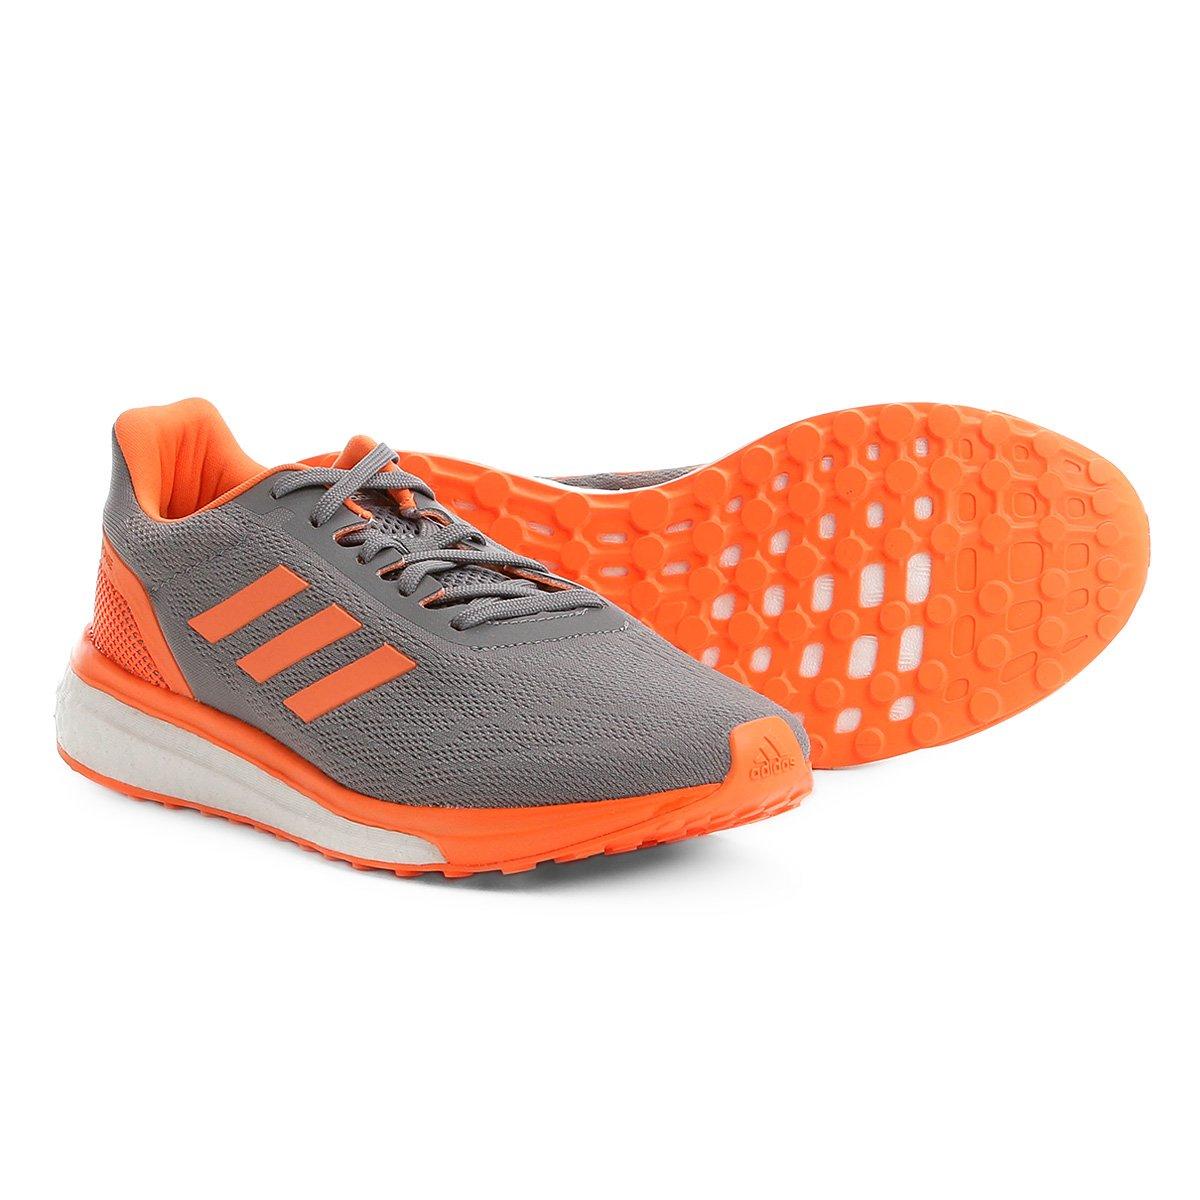 2e6f43e0d5e Tênis Adidas Response Feminino - Compre Agora